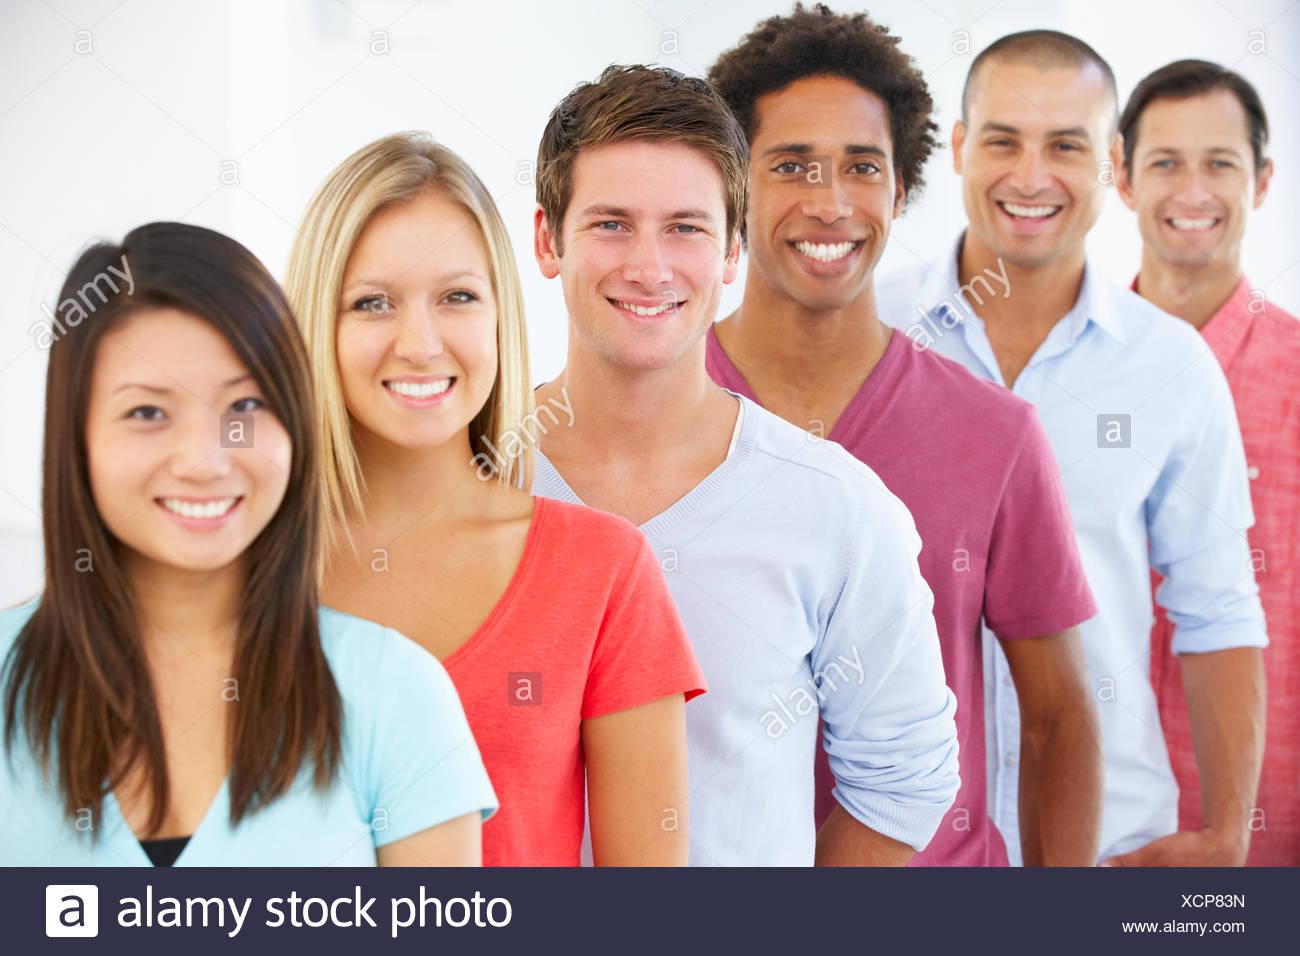 Ligne de professionnels et gens d'affaires positif en tenue décontractée Photo Stock